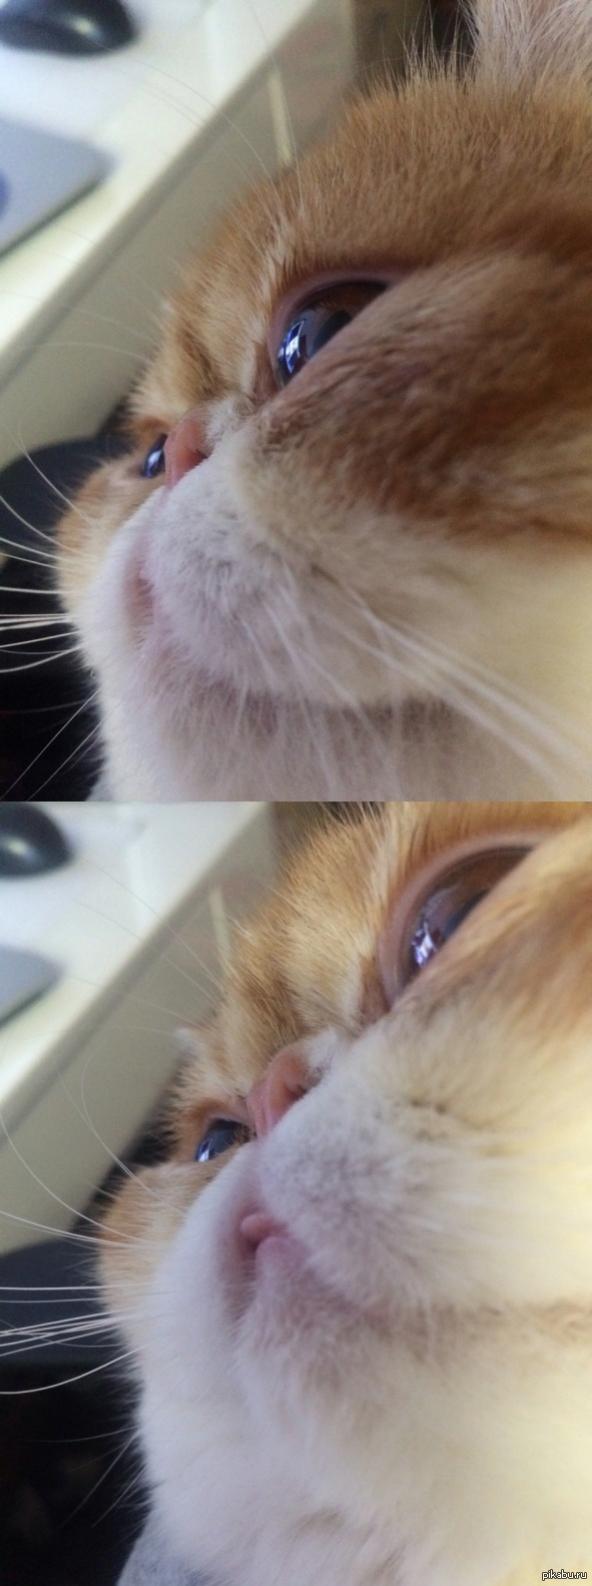 Если у вас нет радостного настроения в этот день просто посмотрите на котика